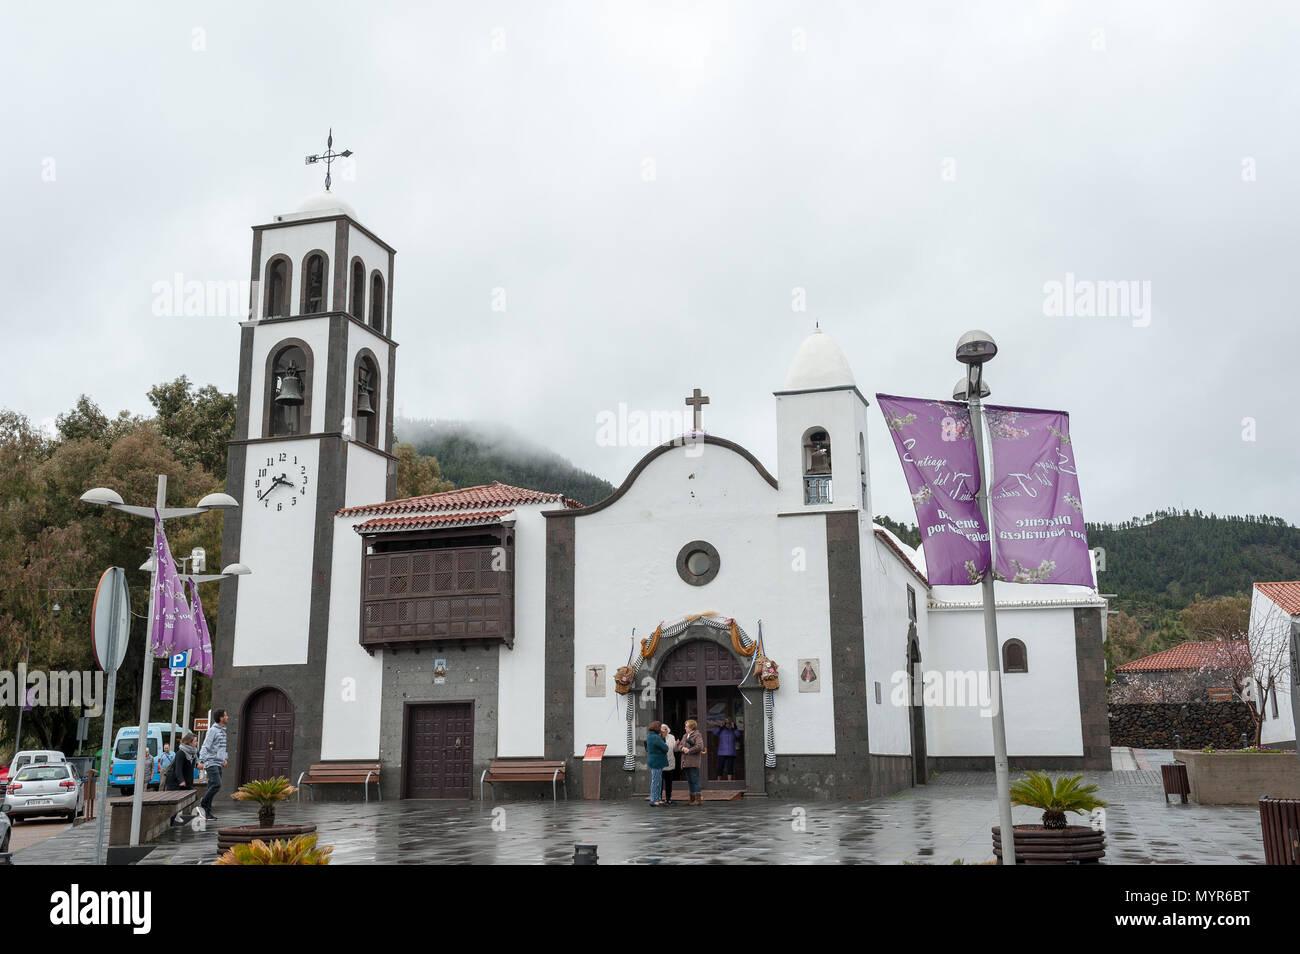 Kirche in Santiago del Teide, Provinz Santa Cruz De Tenerife, Teneriffa, Kanarische Inseln, Spanien Stockbild